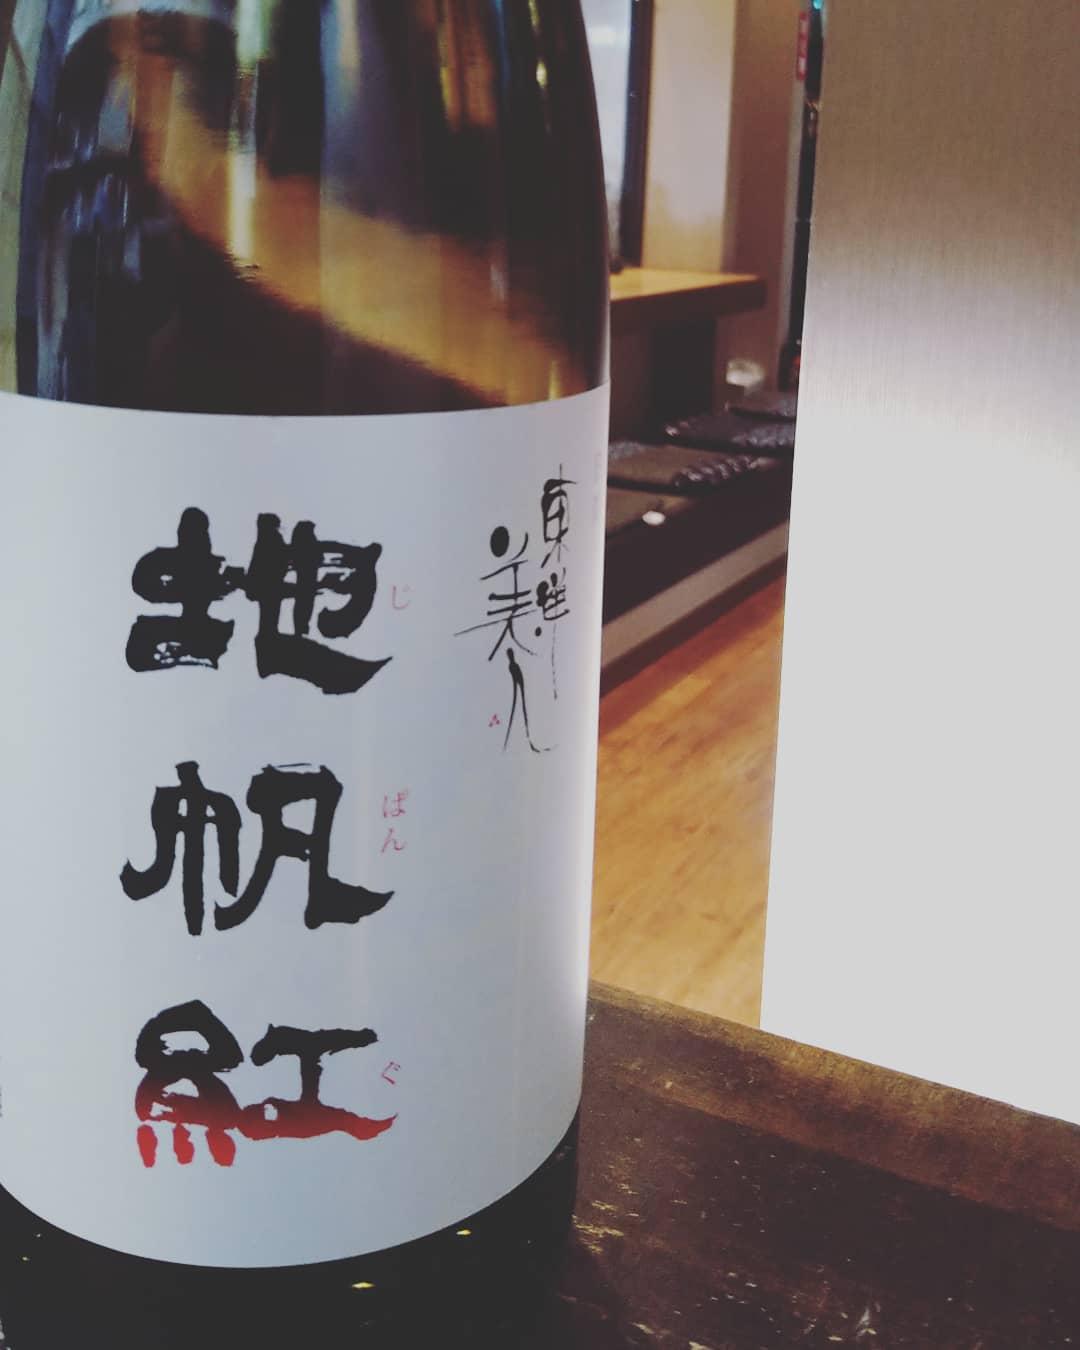 おすすめ日本酒  東洋美人 じぱんぐ 限定大吟醸  上品で透明で、かつ物足りなく無い程度の味わいもある、まとまりのとれた美酒です。   実はこのお酒の一番凄いところは「アルコール感が無い」ということかもしれません、特に日本酒を飲み慣れていない人には衝撃的な日本酒 グビグビ飲めちゃいます!  このお酒は、かの「SAKE COMPETITION 2014」の、「Free Style Under 5000部門」で1位を取ったお酒です。  #熊谷テイクアウト #お宮参り にハマる #